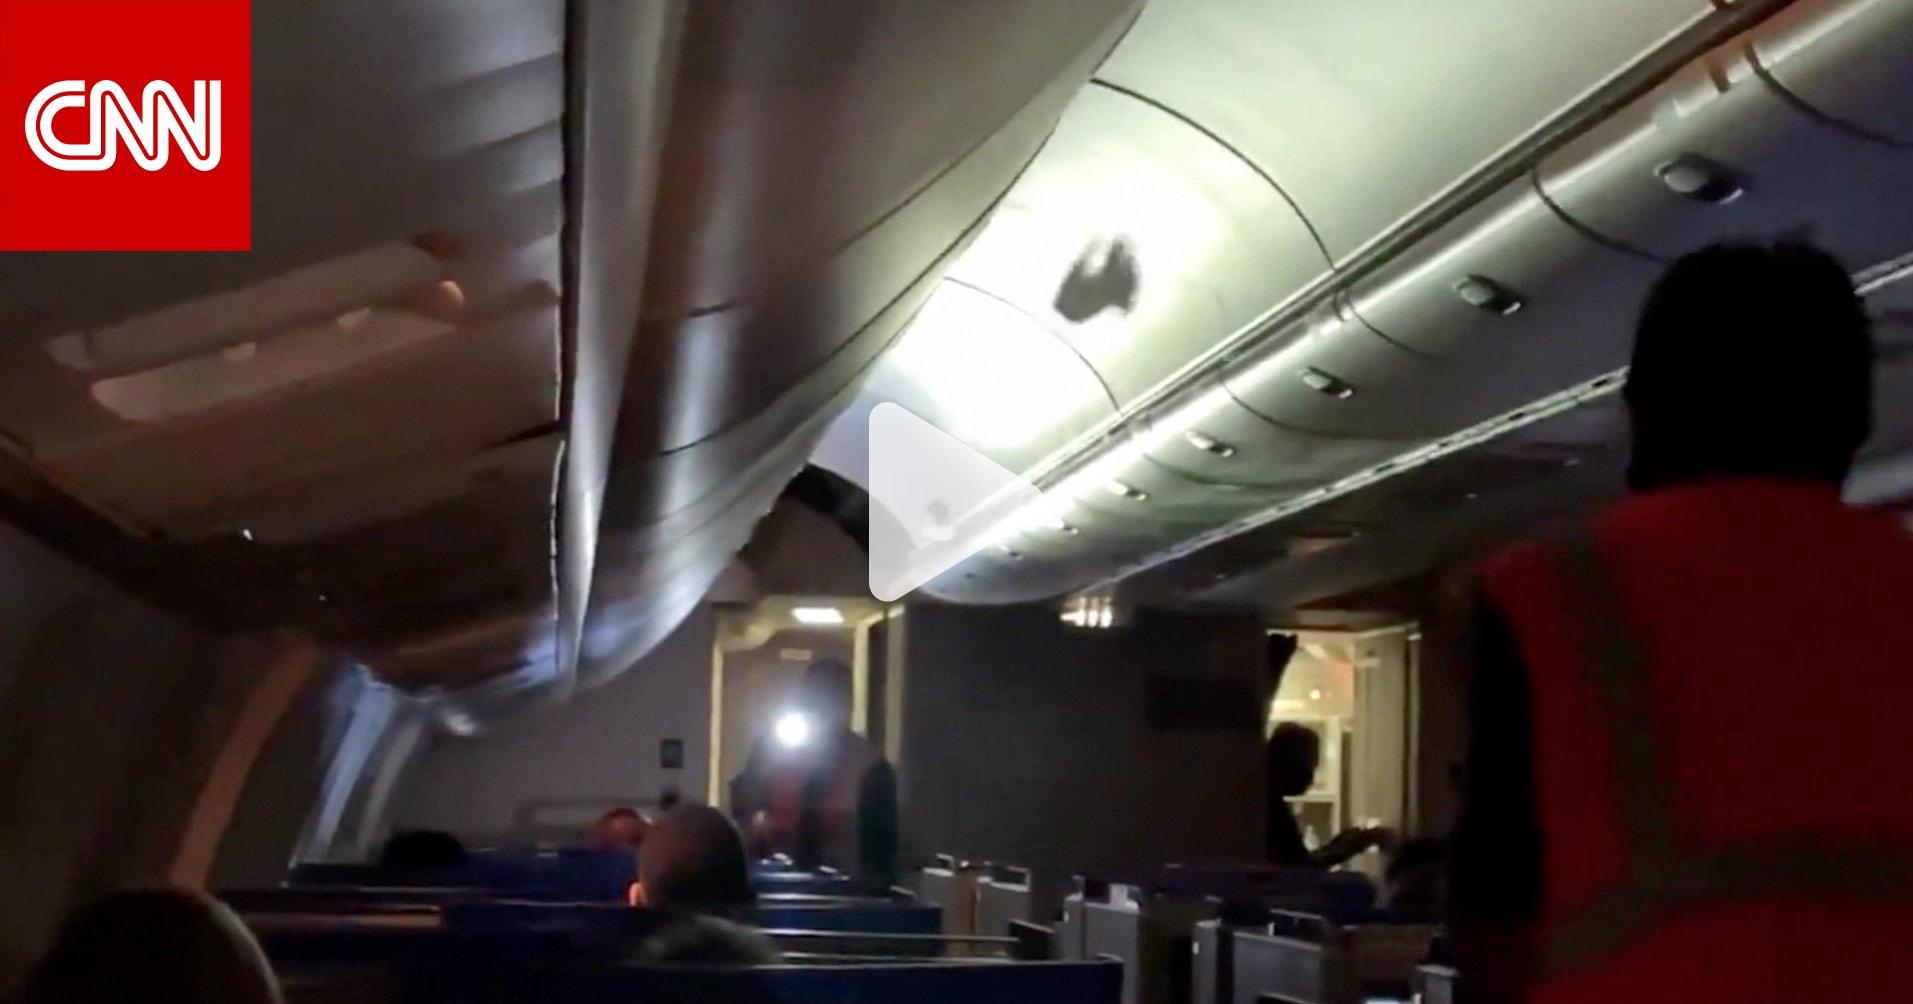 شاهد.. تأخر رحلة جوية بسبب مطاردة طيور تسللت داخل مقصورة طائرة ركاب